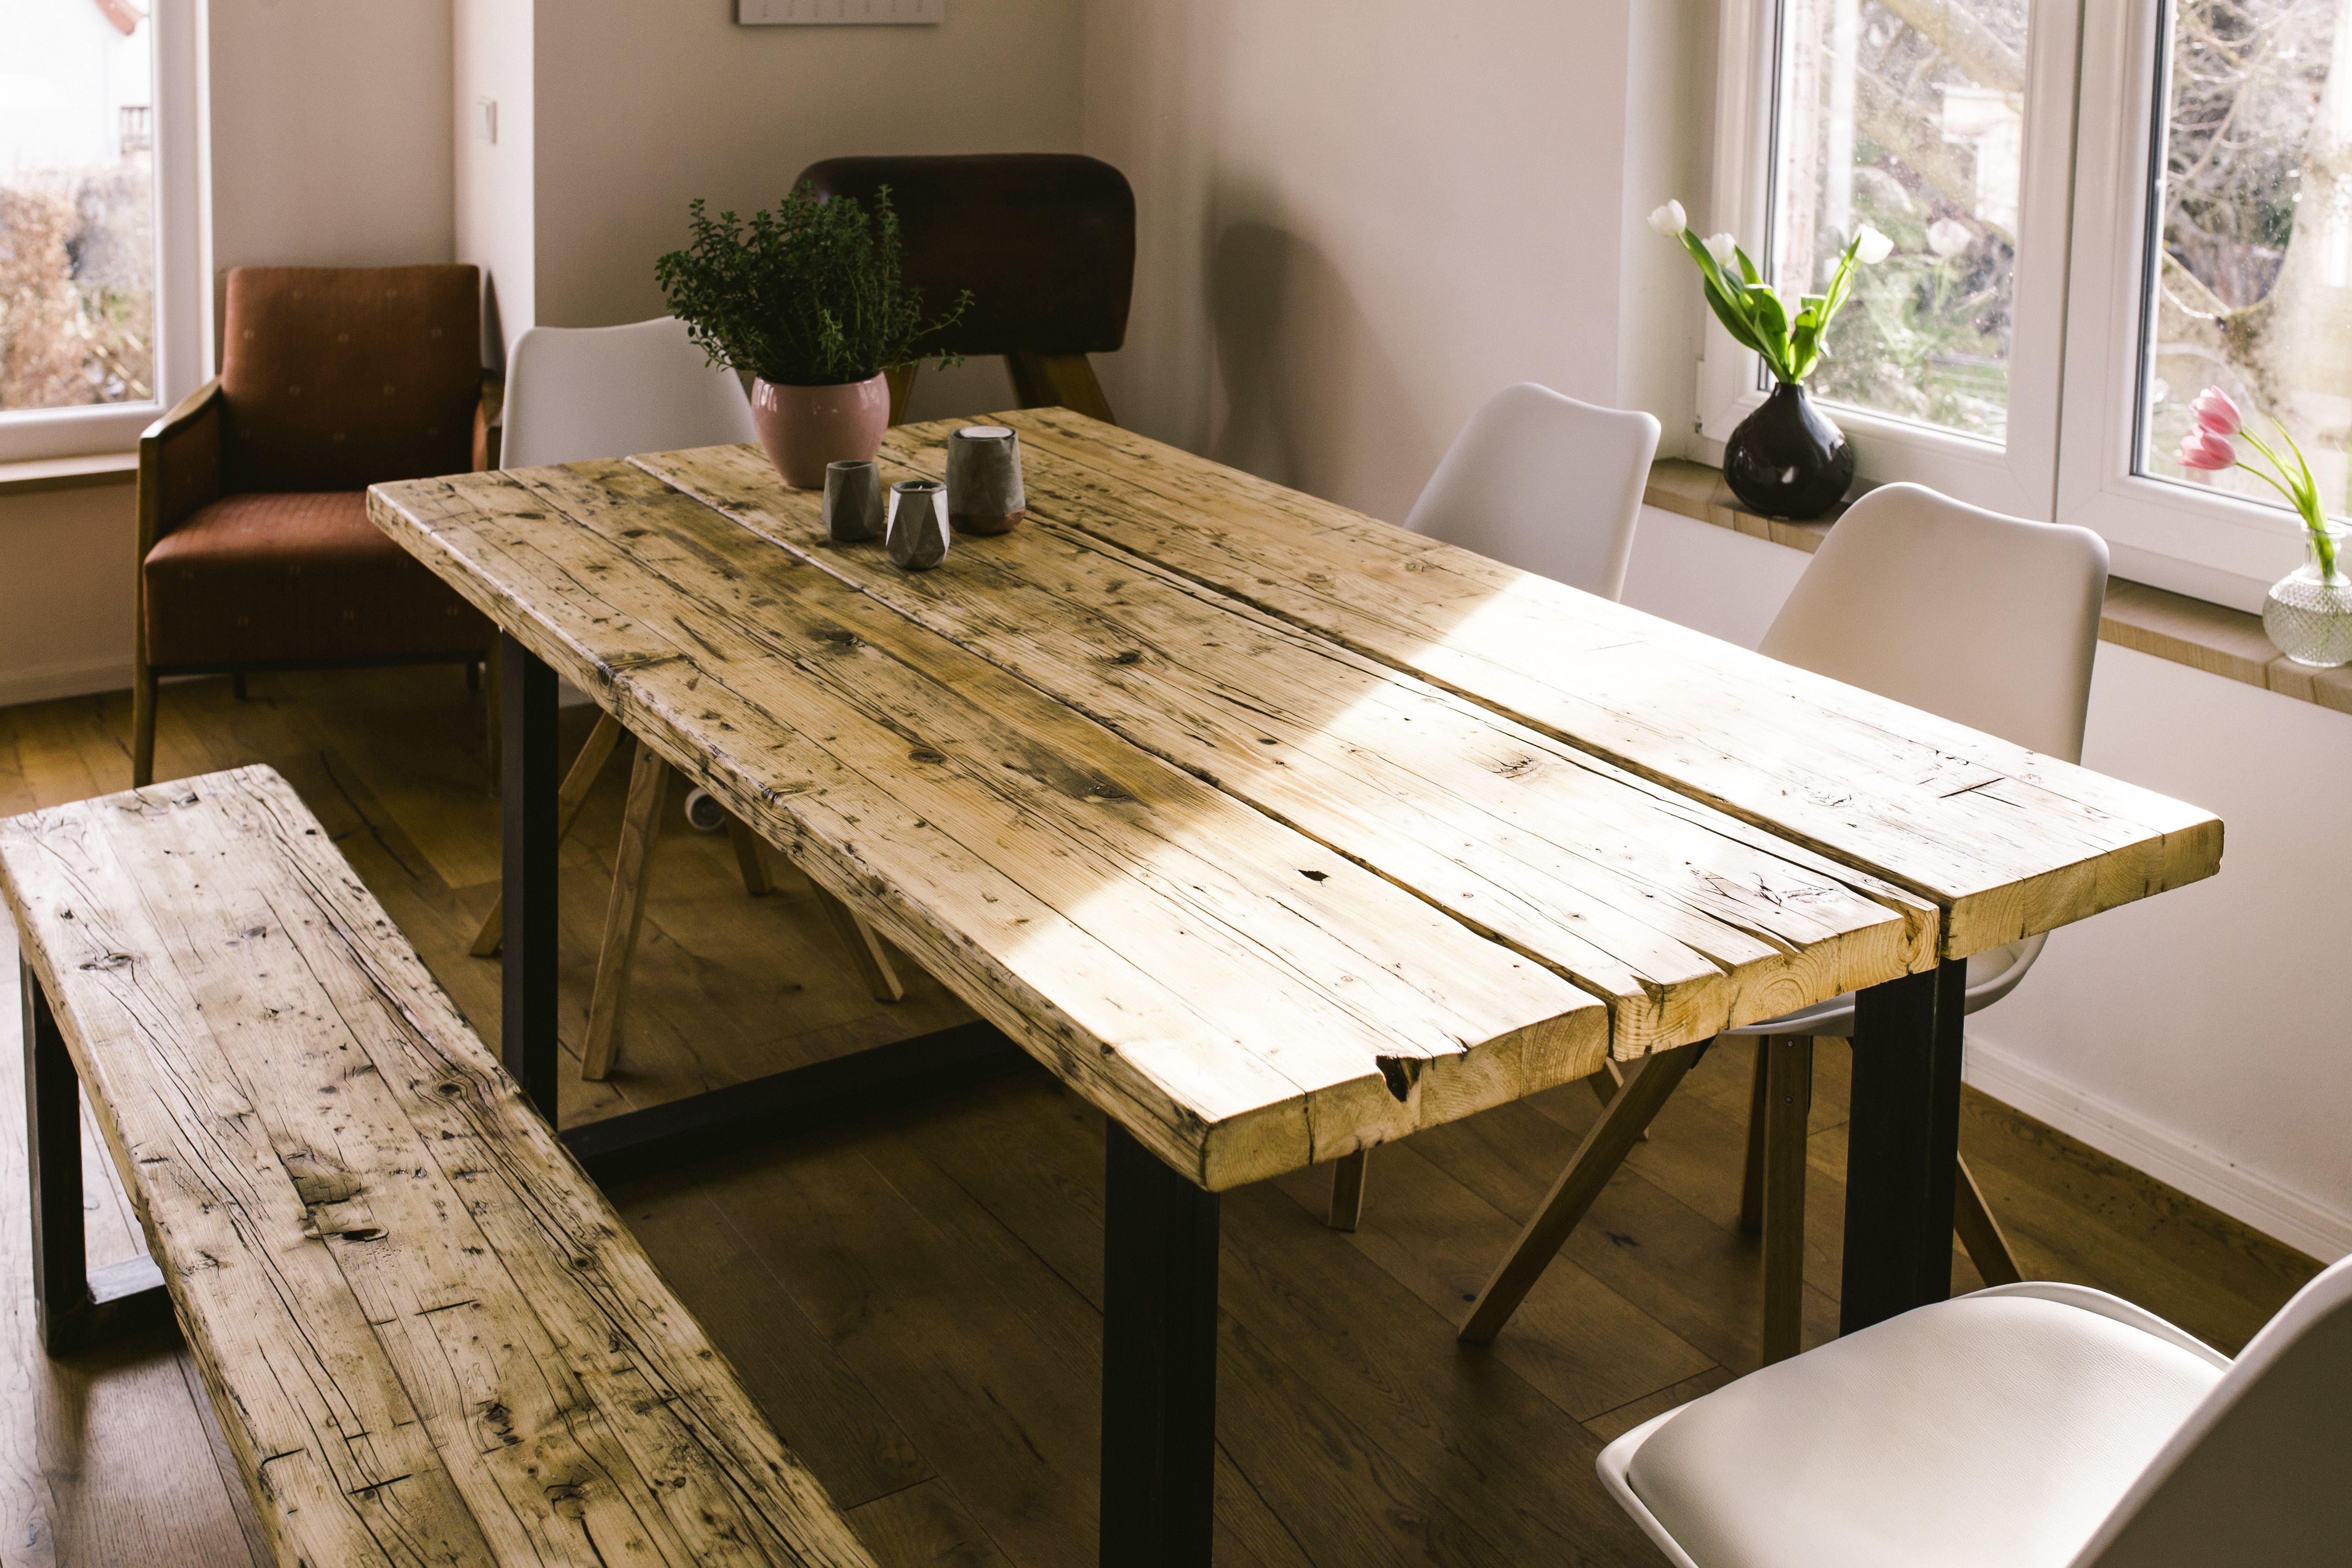 Tisch Aus Altholz esstischindustriedesign industrie design tisch recyceltes altholz